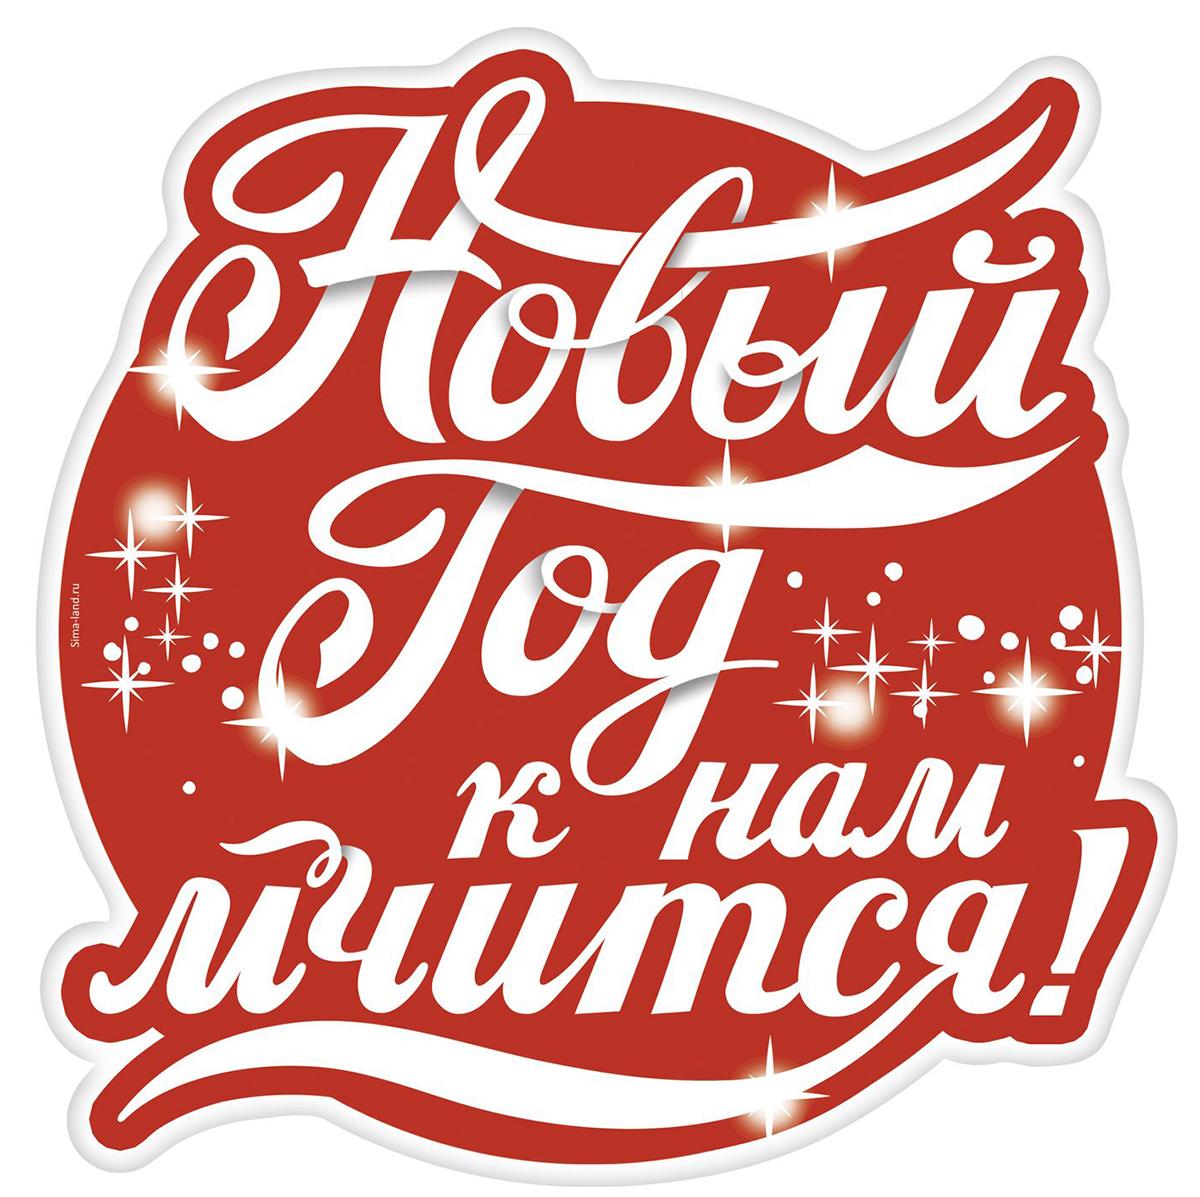 Наклейка на автомобиль  Новый год к нам мчится! , 20 х 20 см -  Наклейки